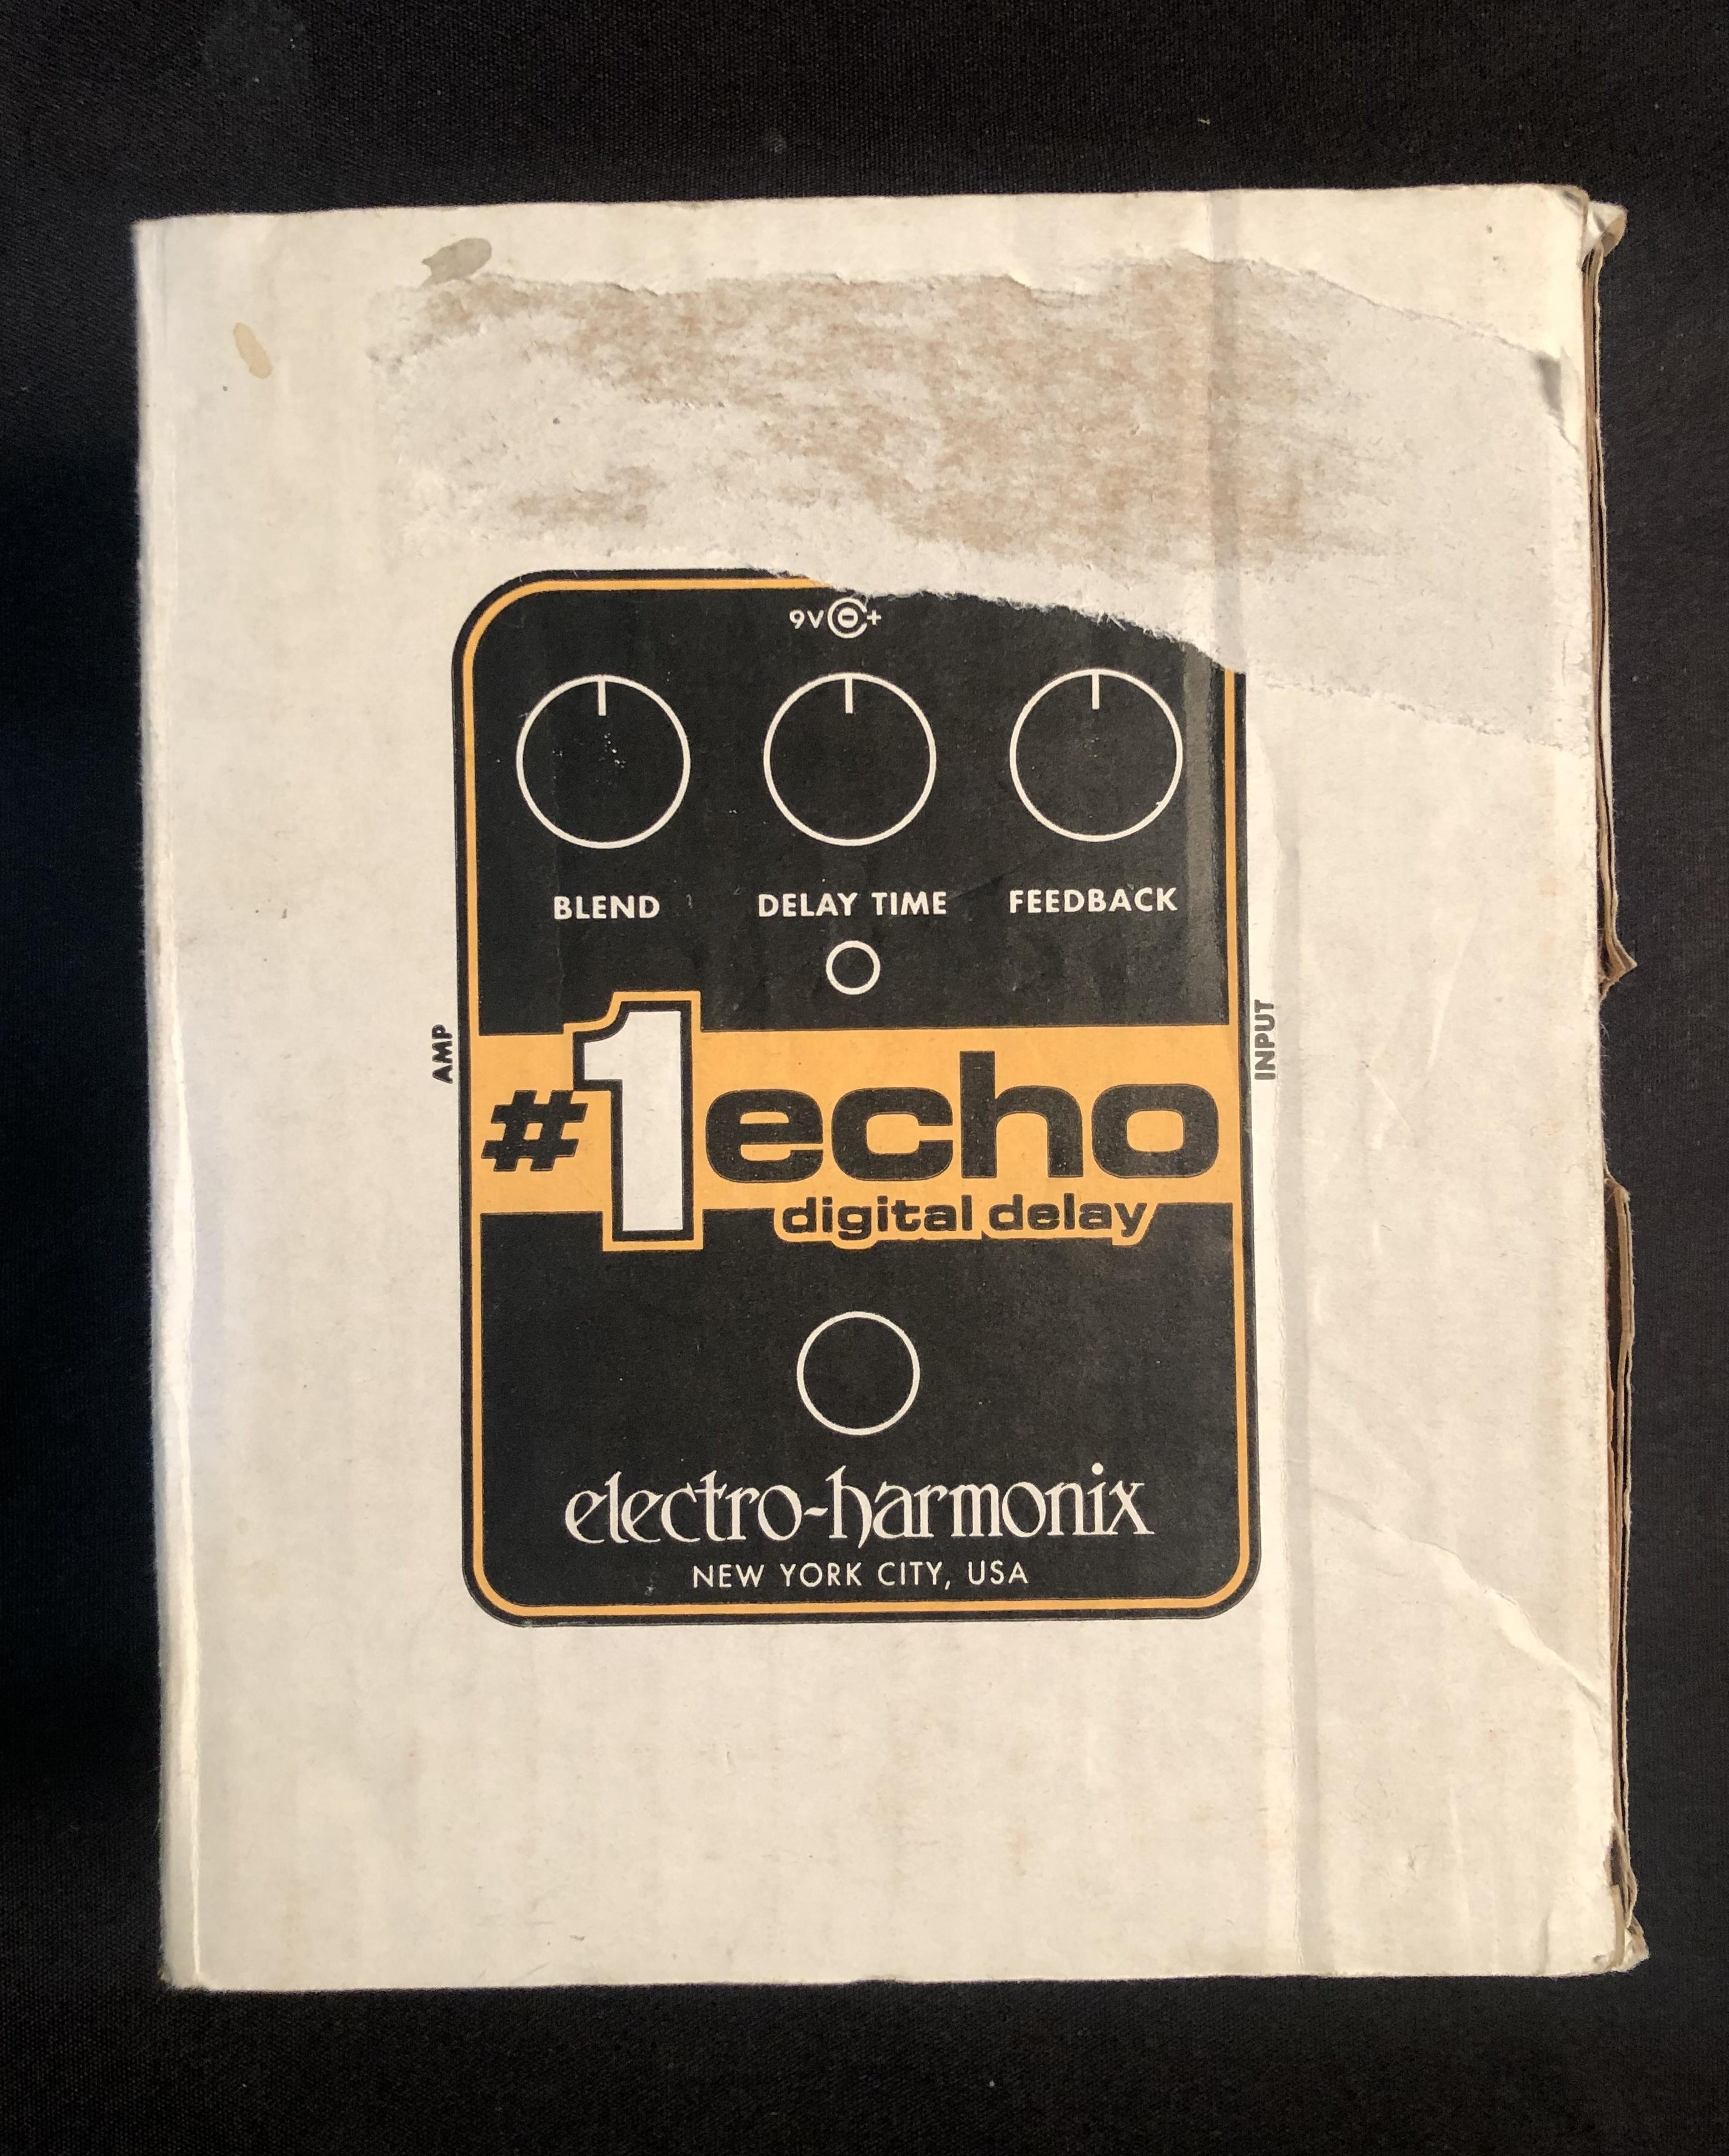 ELECTRO-HARMONIX - #1 Echo Digital Delay